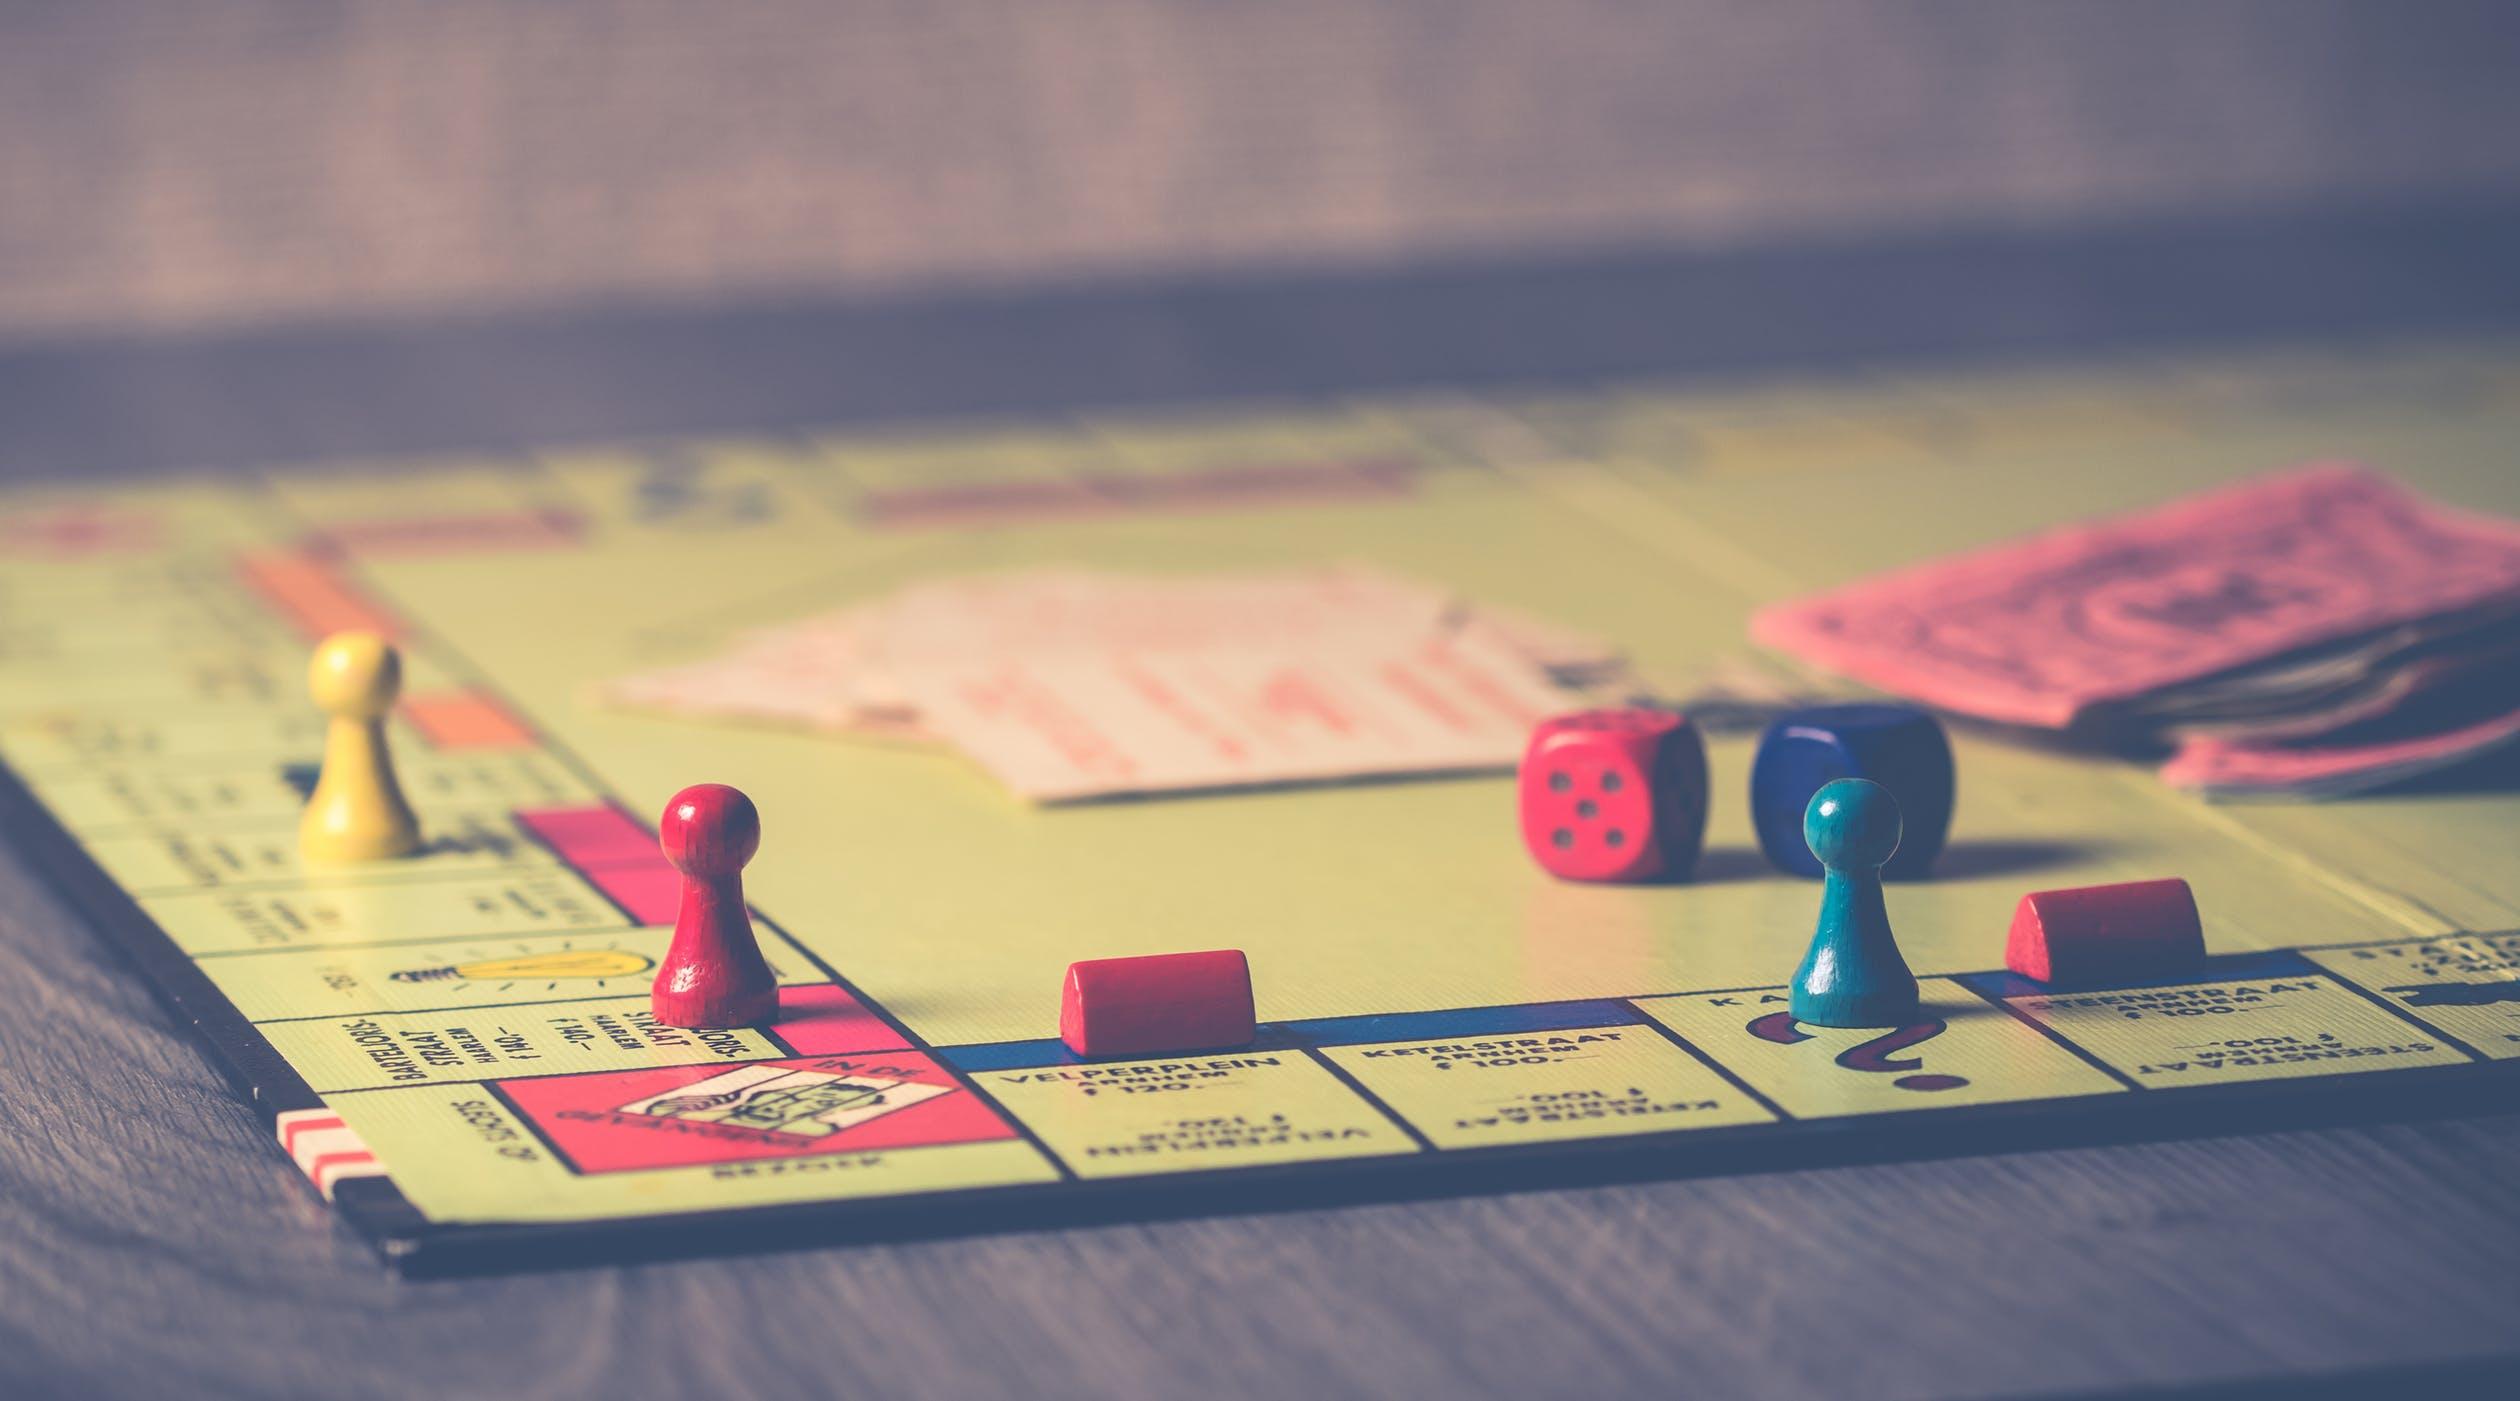 Plateau du jeu de société Monopoly pendant une partie en famille